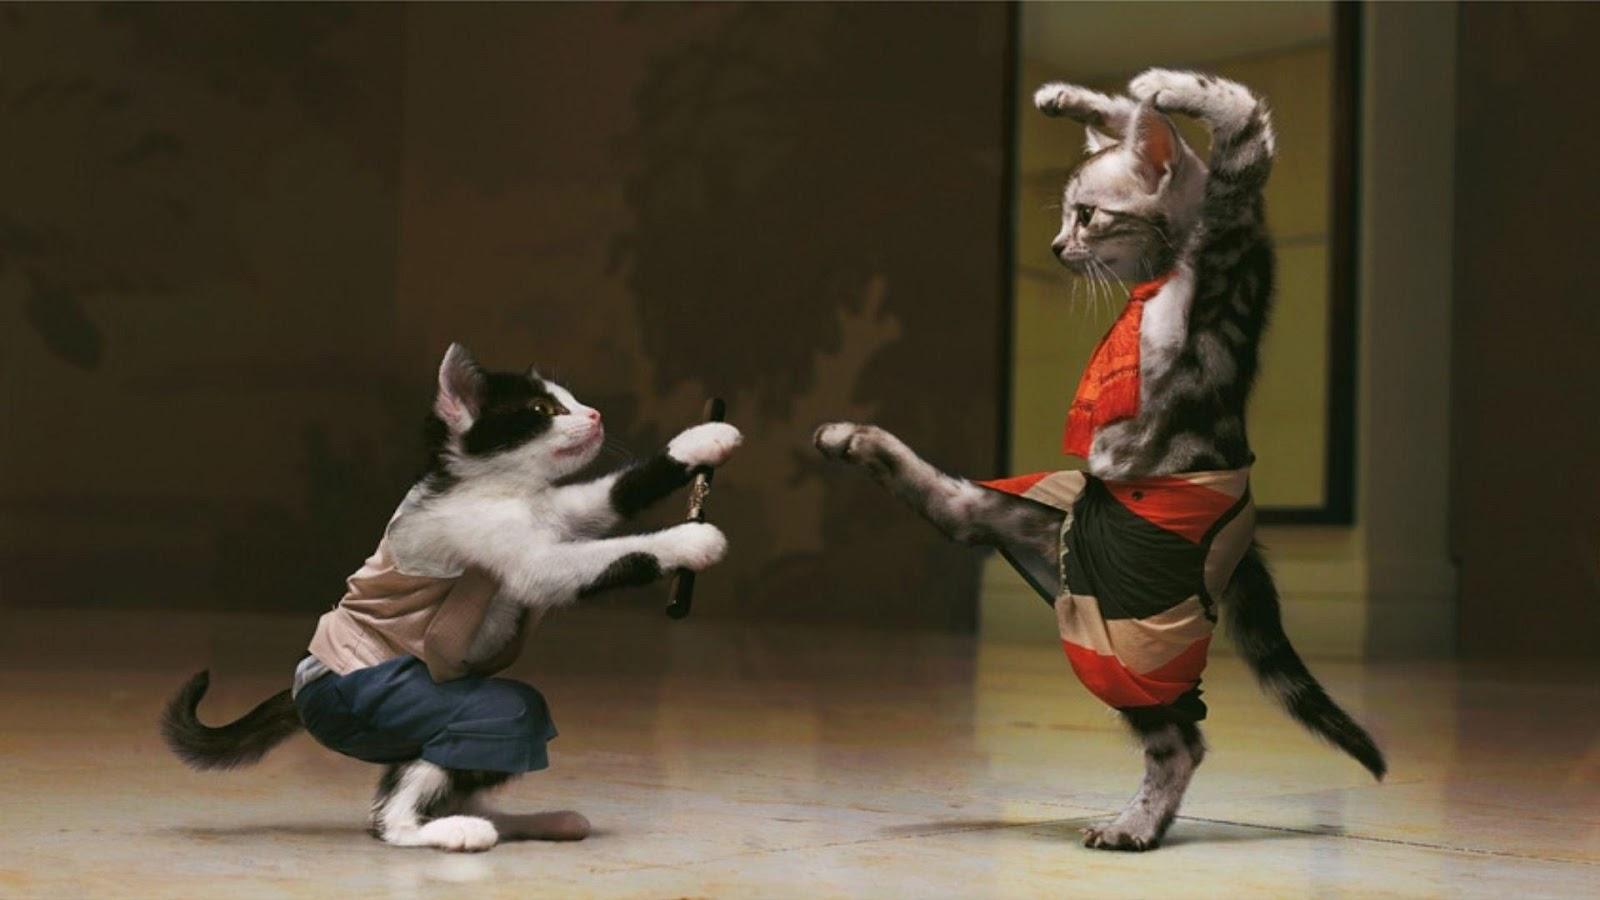 بالصور افضل الصور المضحكة في العالم , اضحك مع اجمل الصور 3630 3